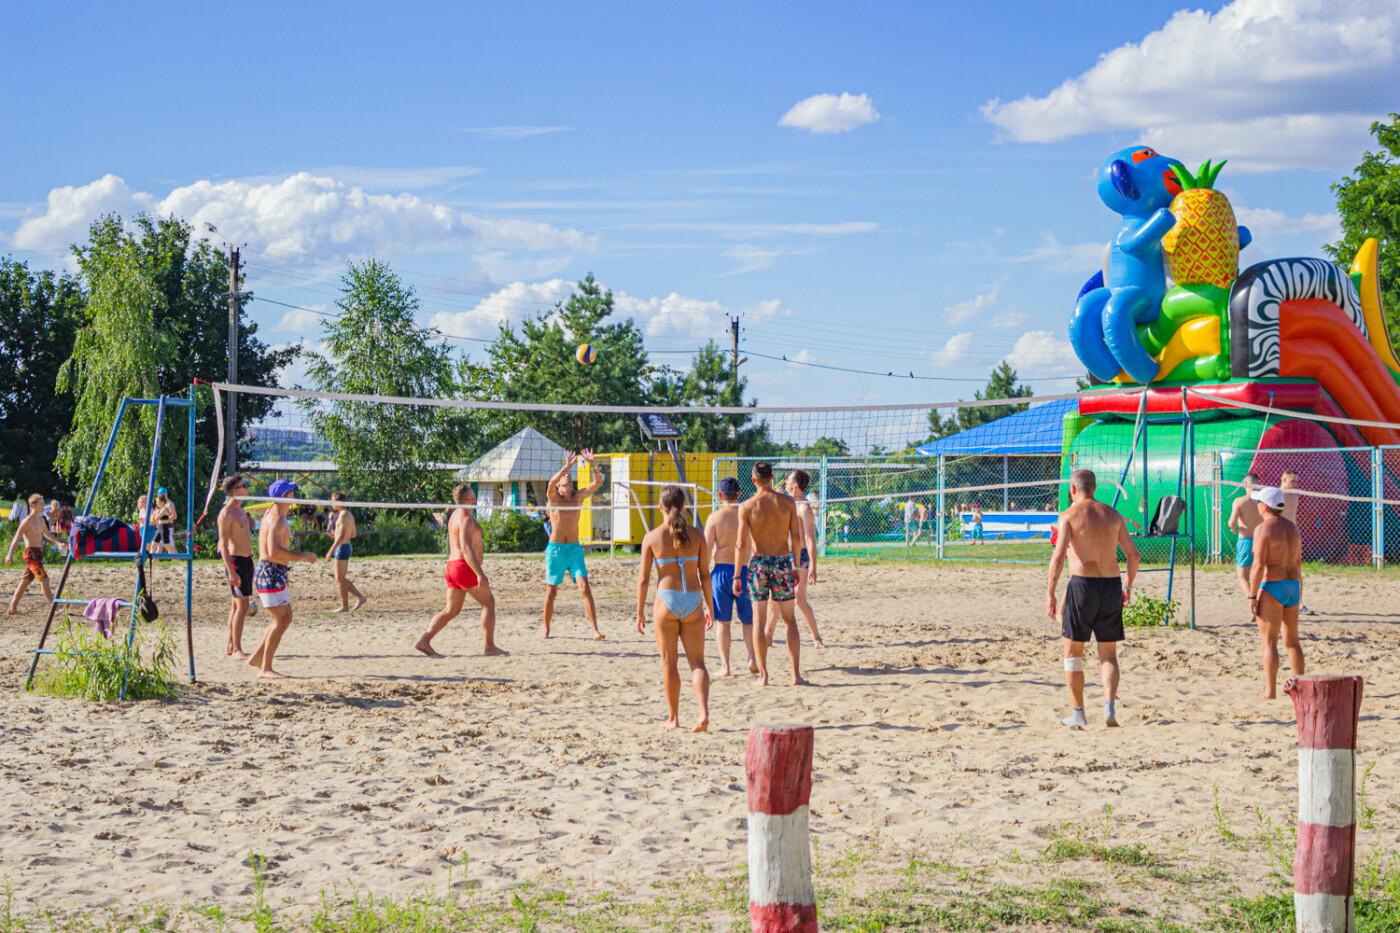 Отдых в городе - городские пляжи, летние площадки, детский отдых, фото-28